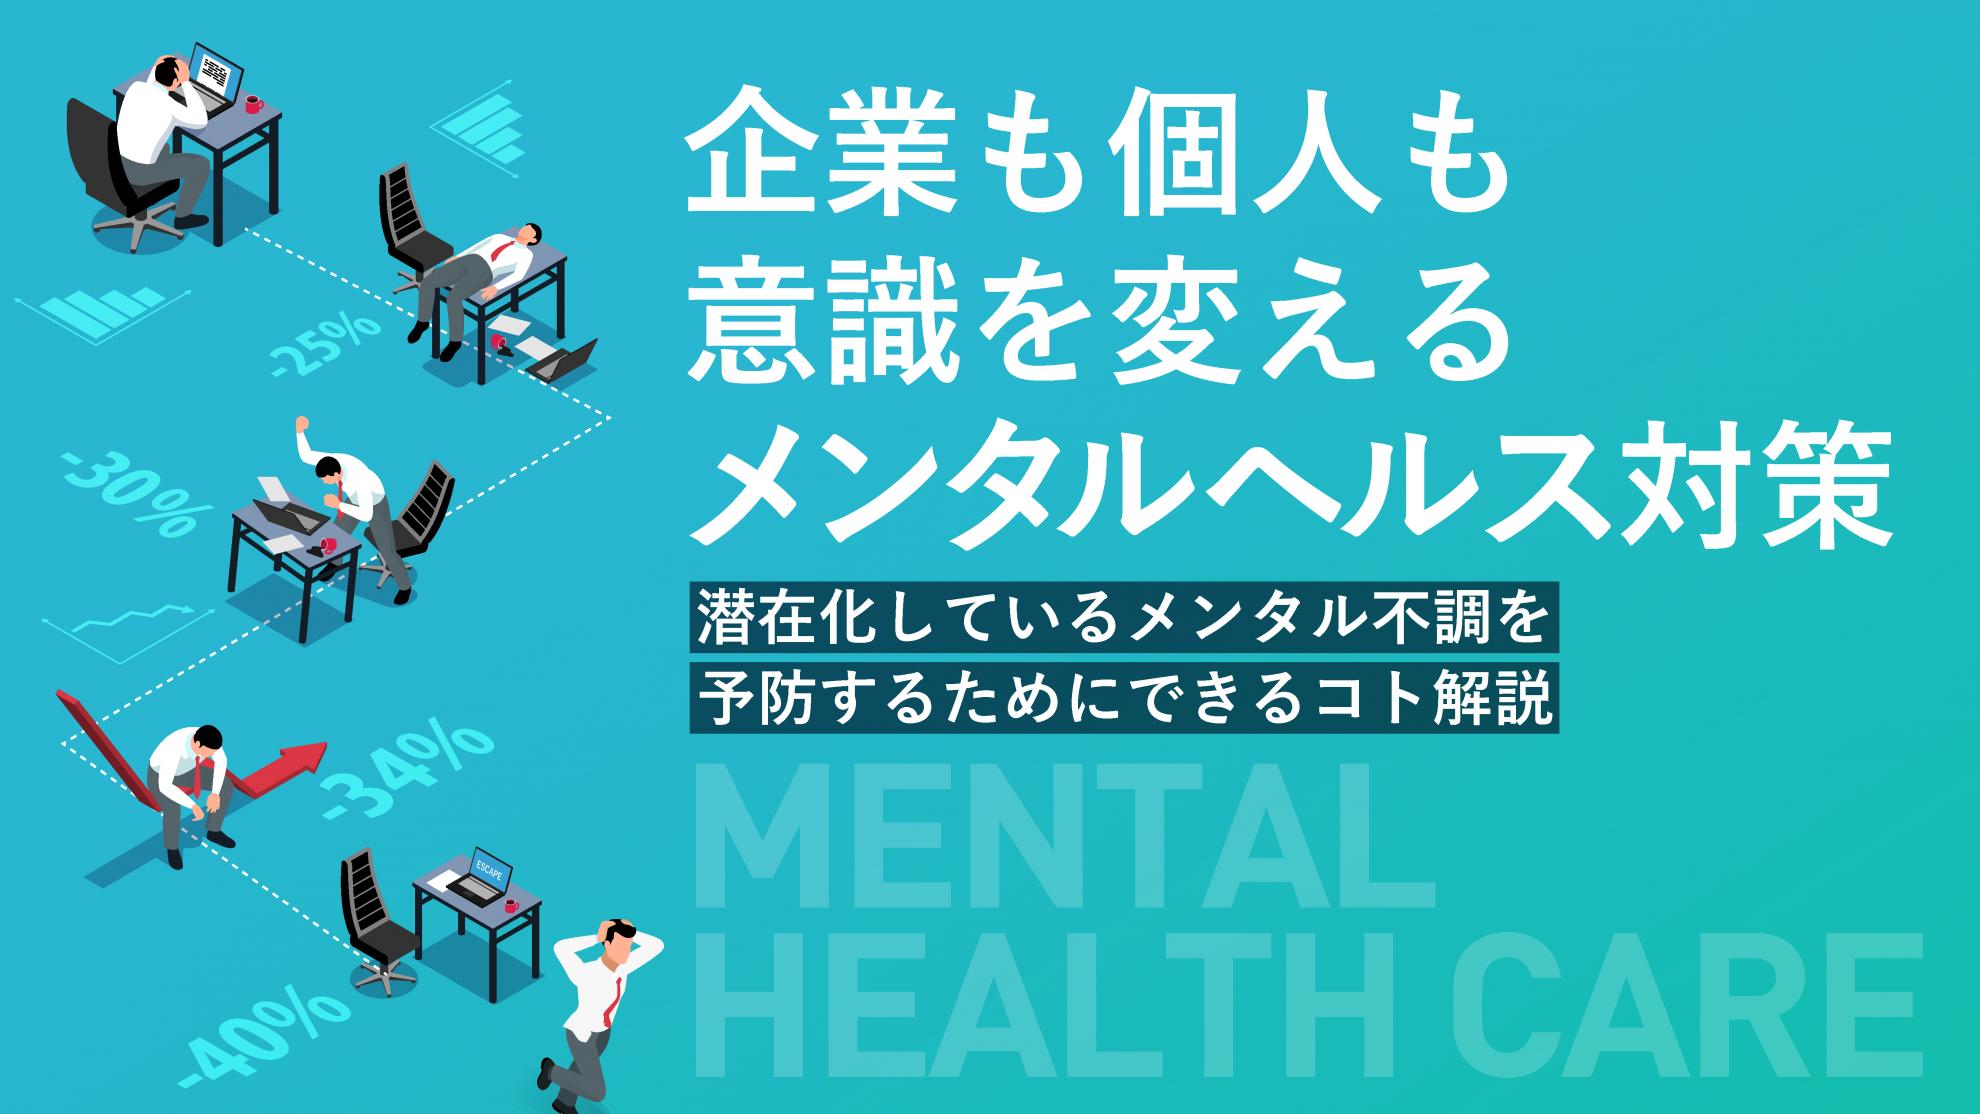 企業も個人も意識を変えるメンタルヘルス対策